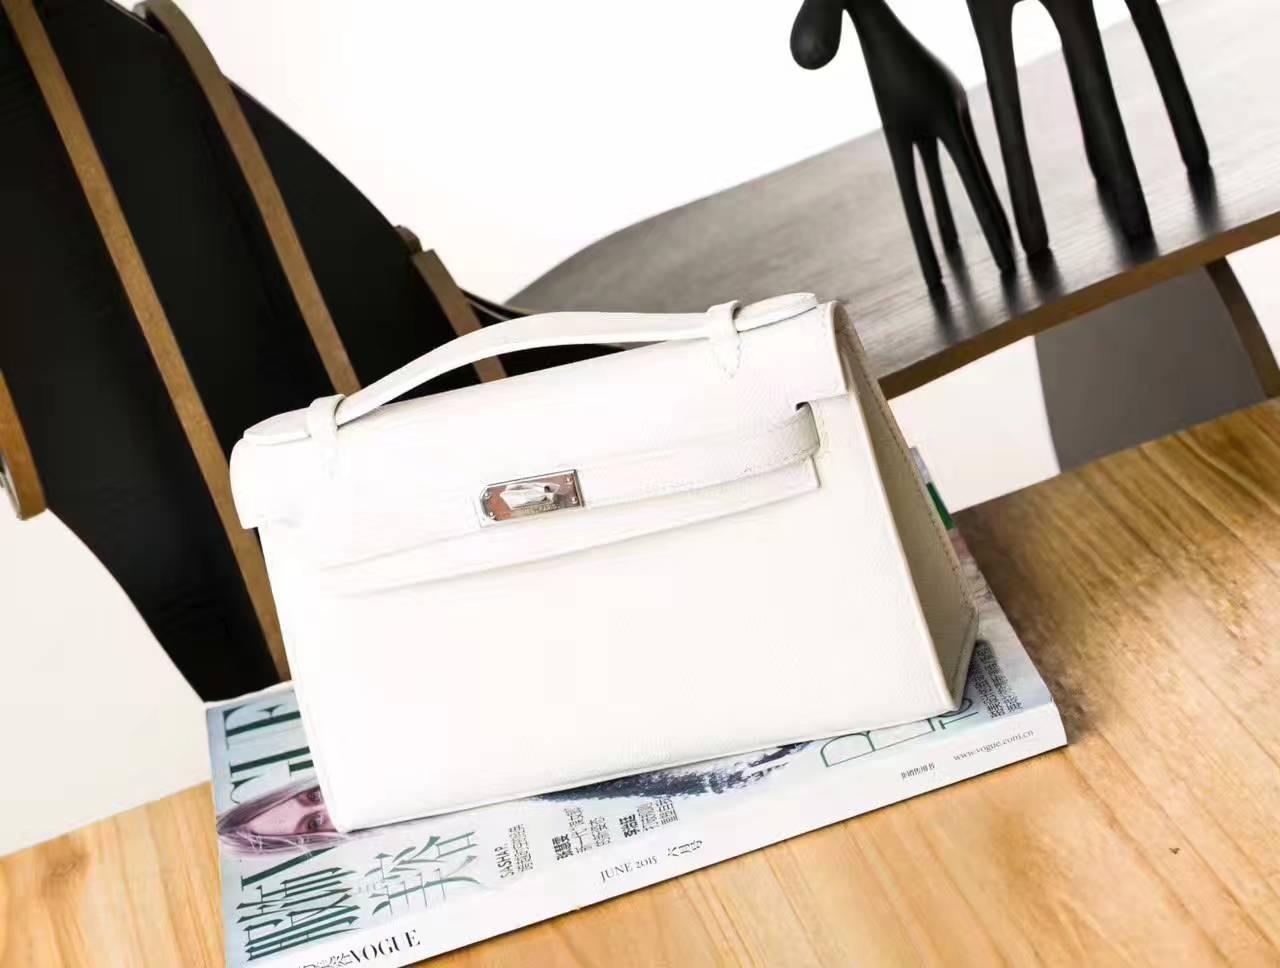 爱马仕Hermes Minikelly 22cm 白色原厂Epsom牛皮迷你凯莉包